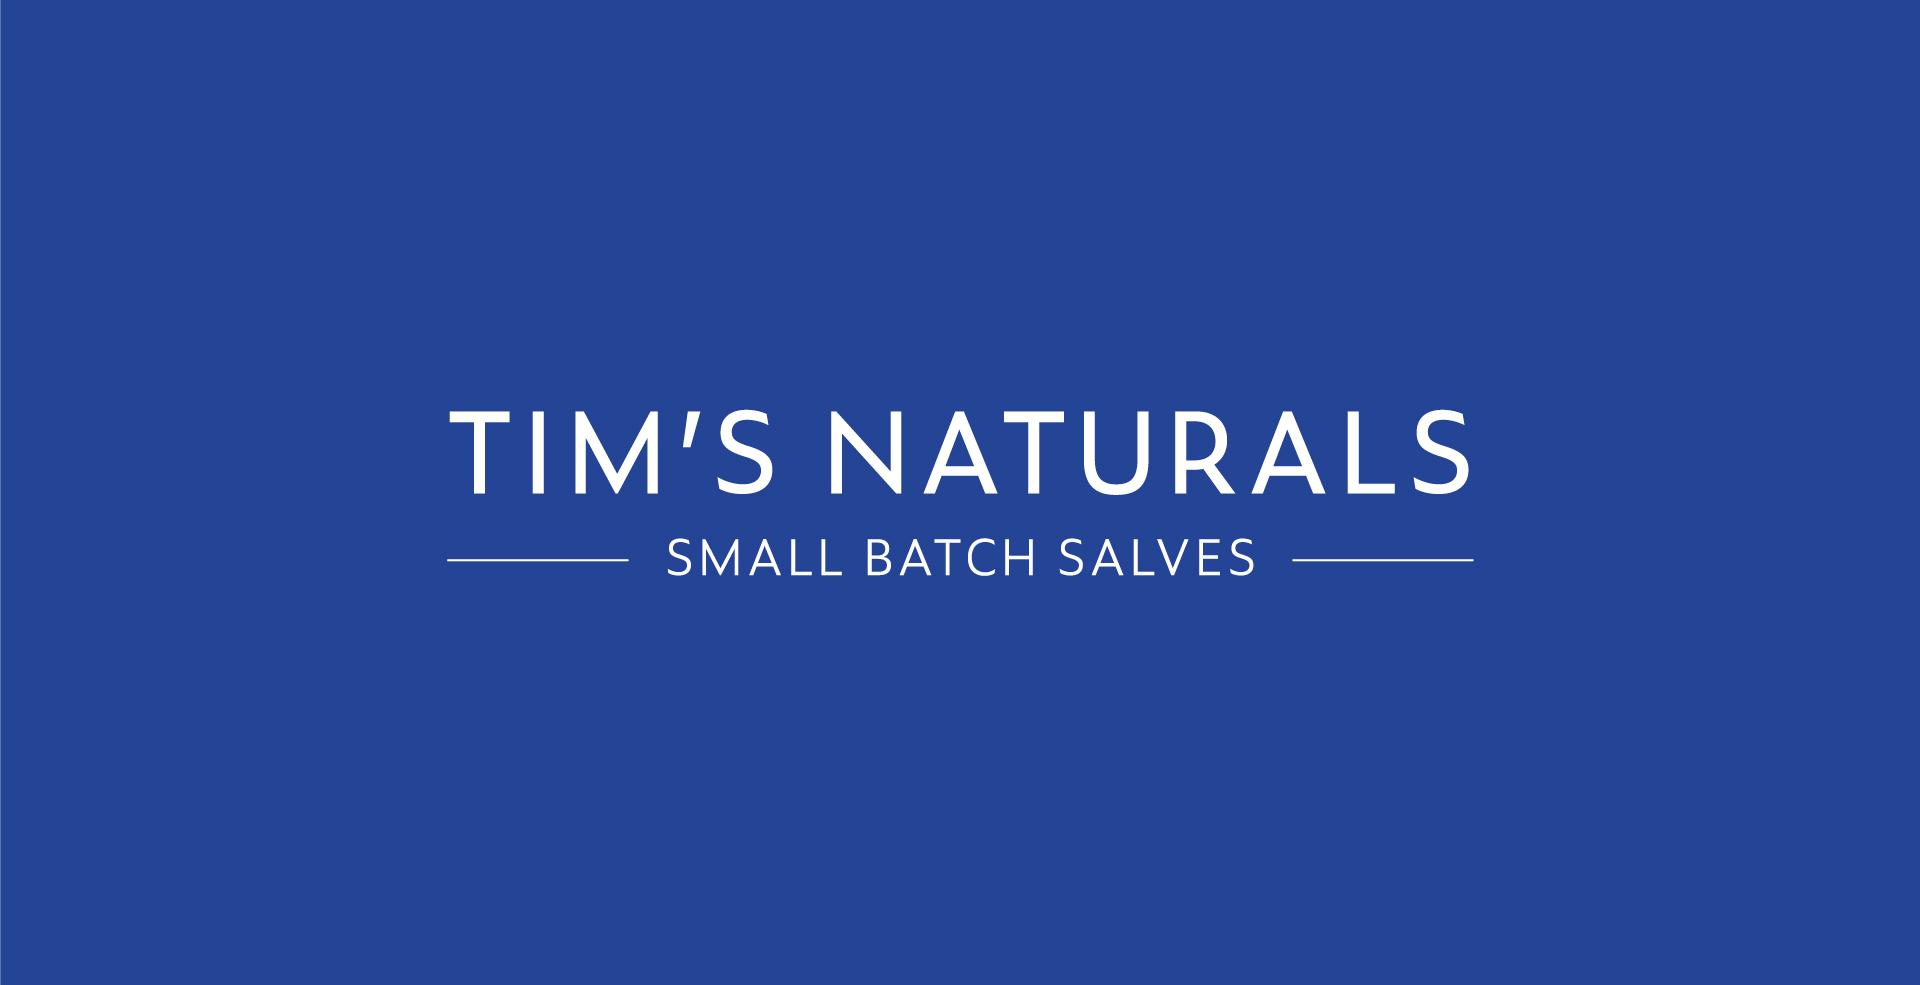 tims-naturals-small-batch-salves-logo.jpg